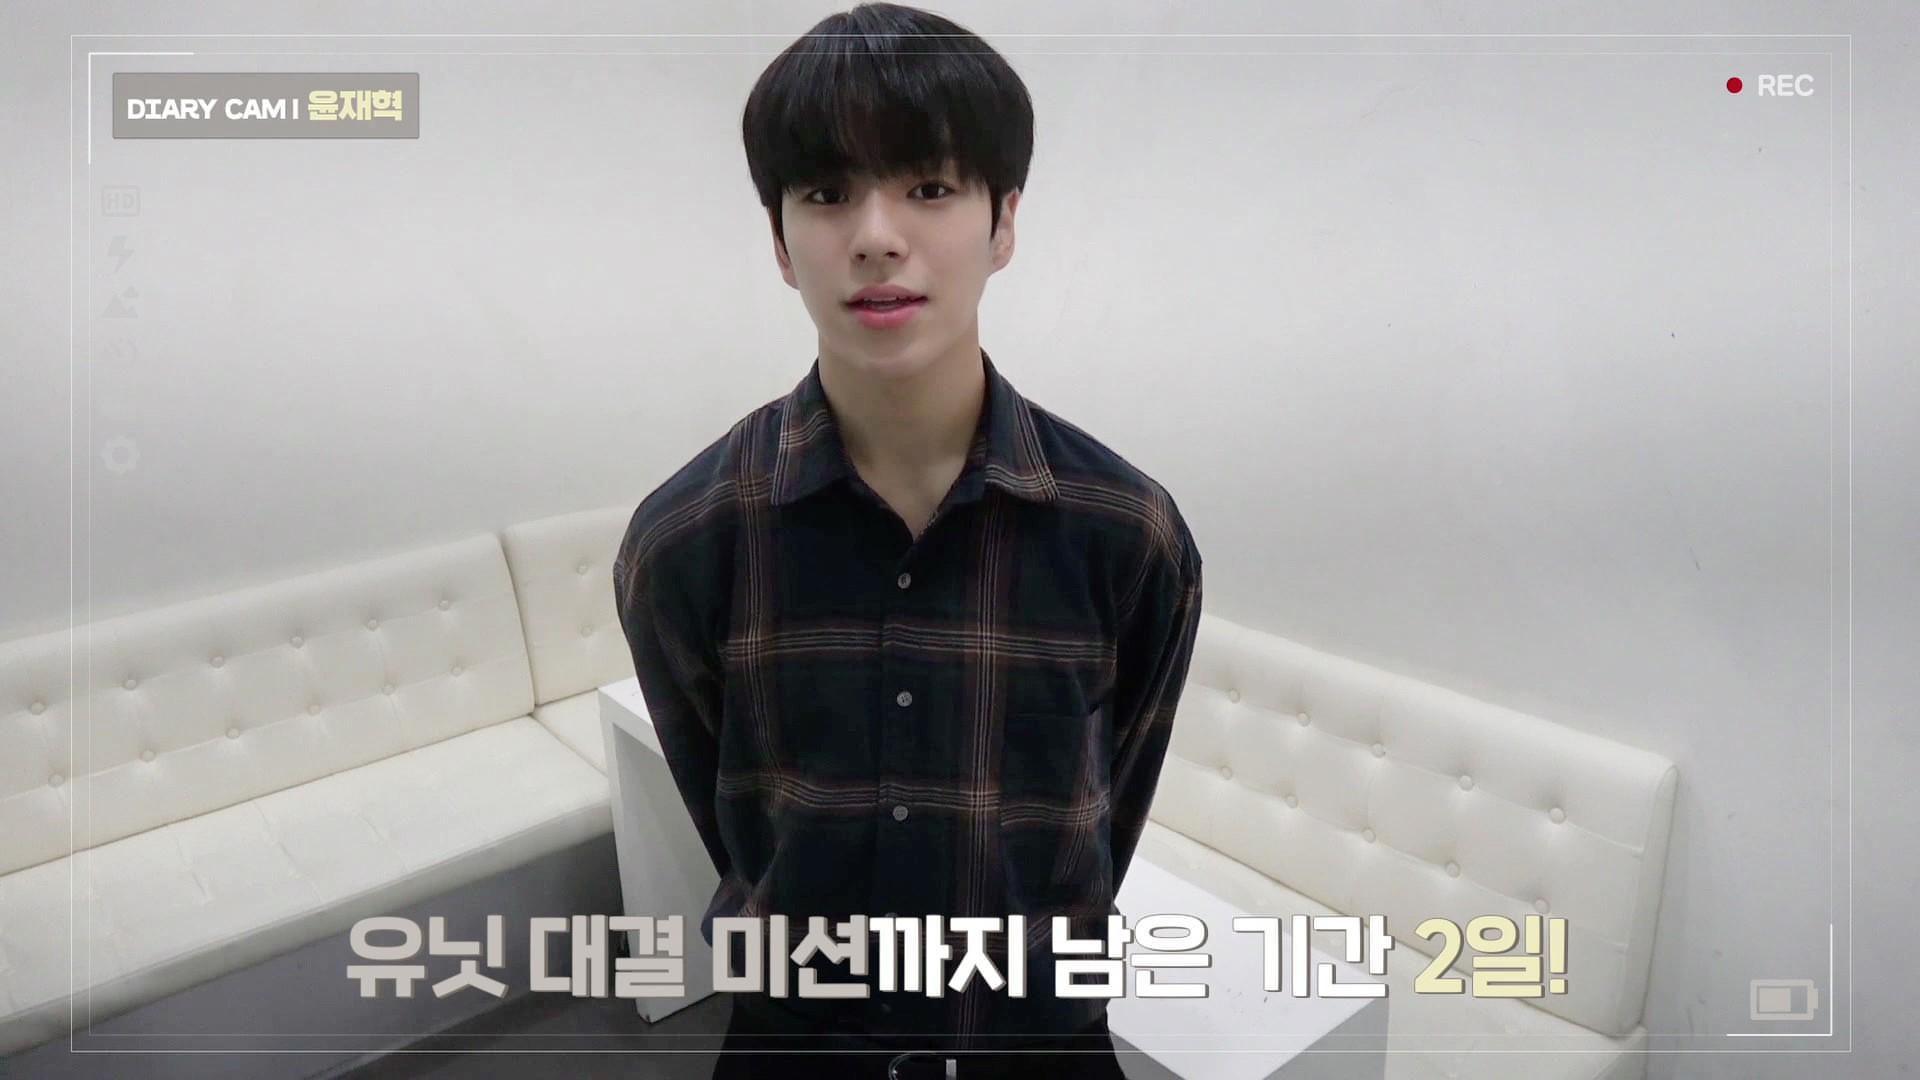 [DIARY CAM 3] 윤재혁 <YOON JAEHYUK> l YG보석함